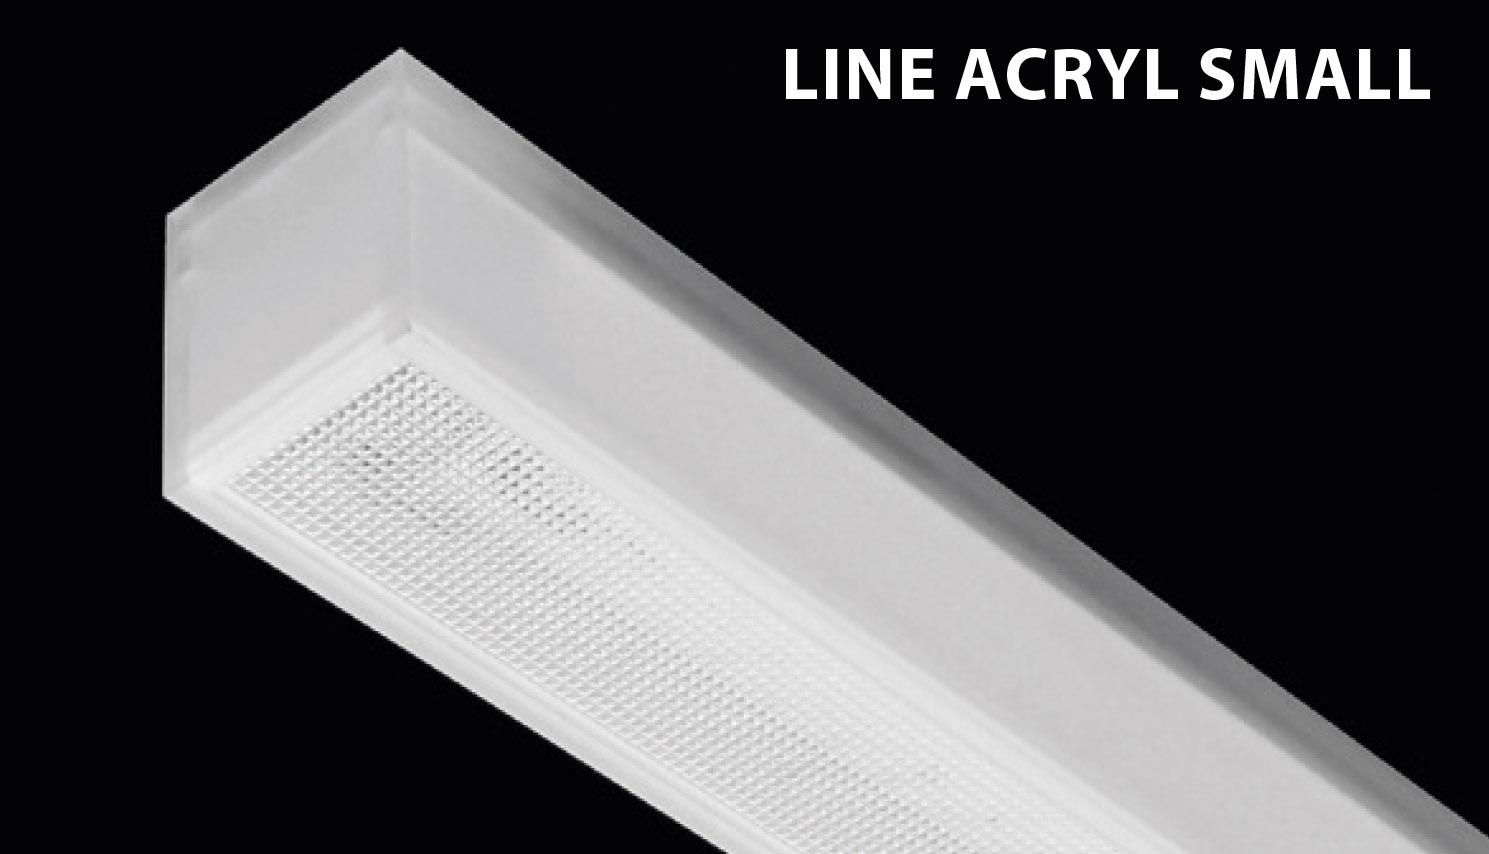 Line Acryl Small